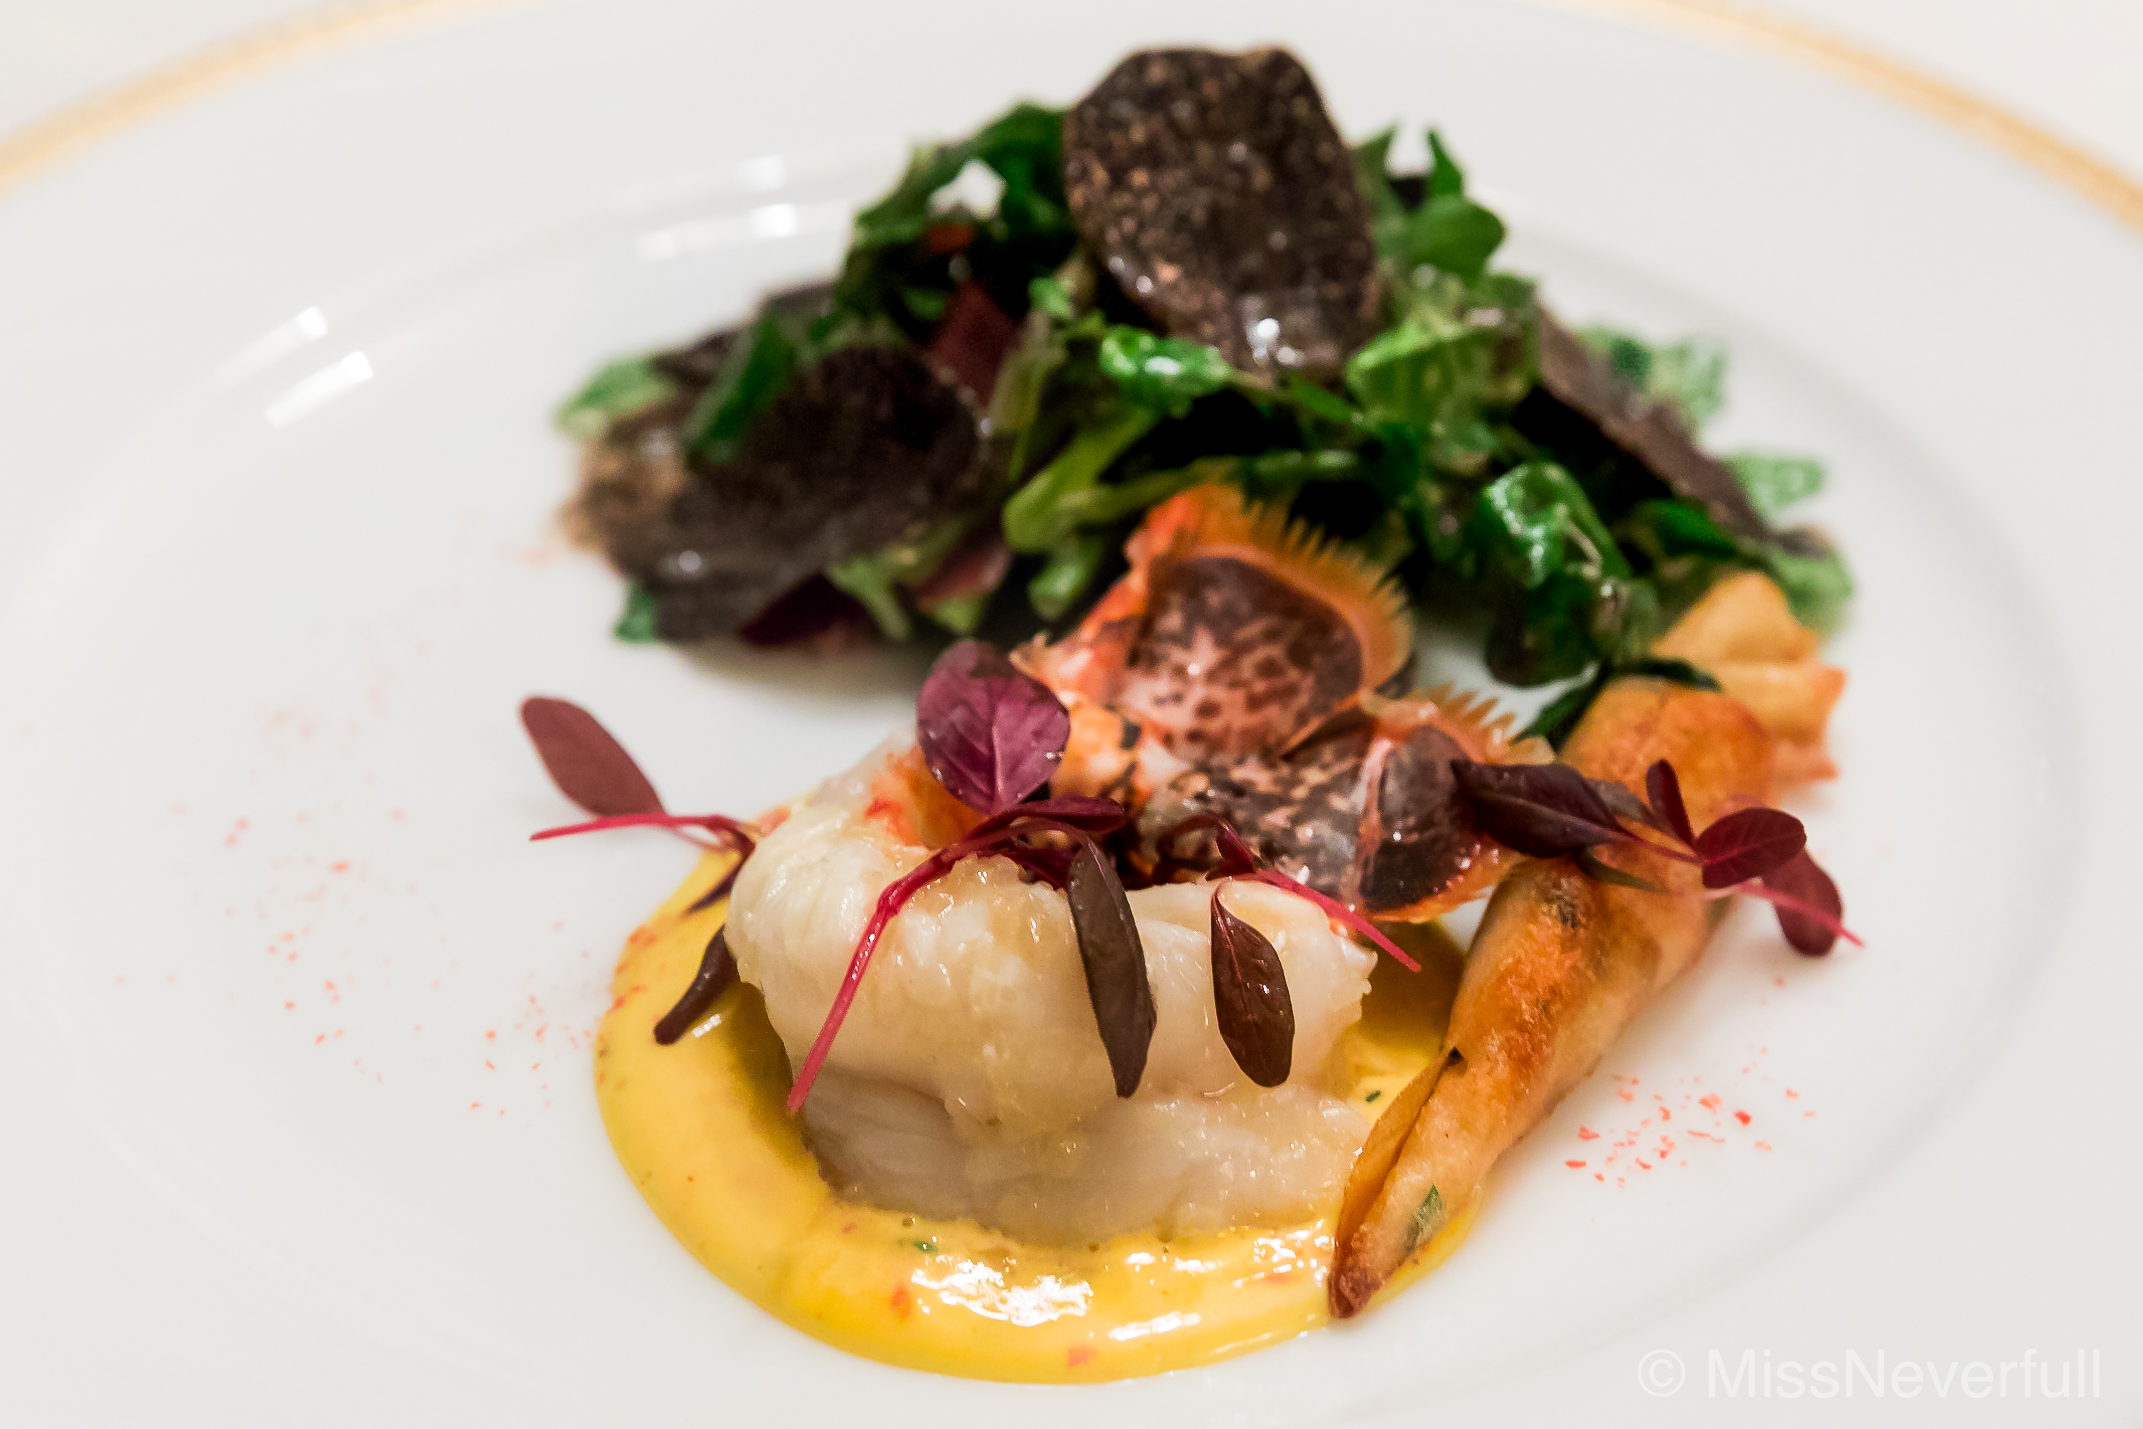 2. Sauteed lobster, seasonal salad with black truffle